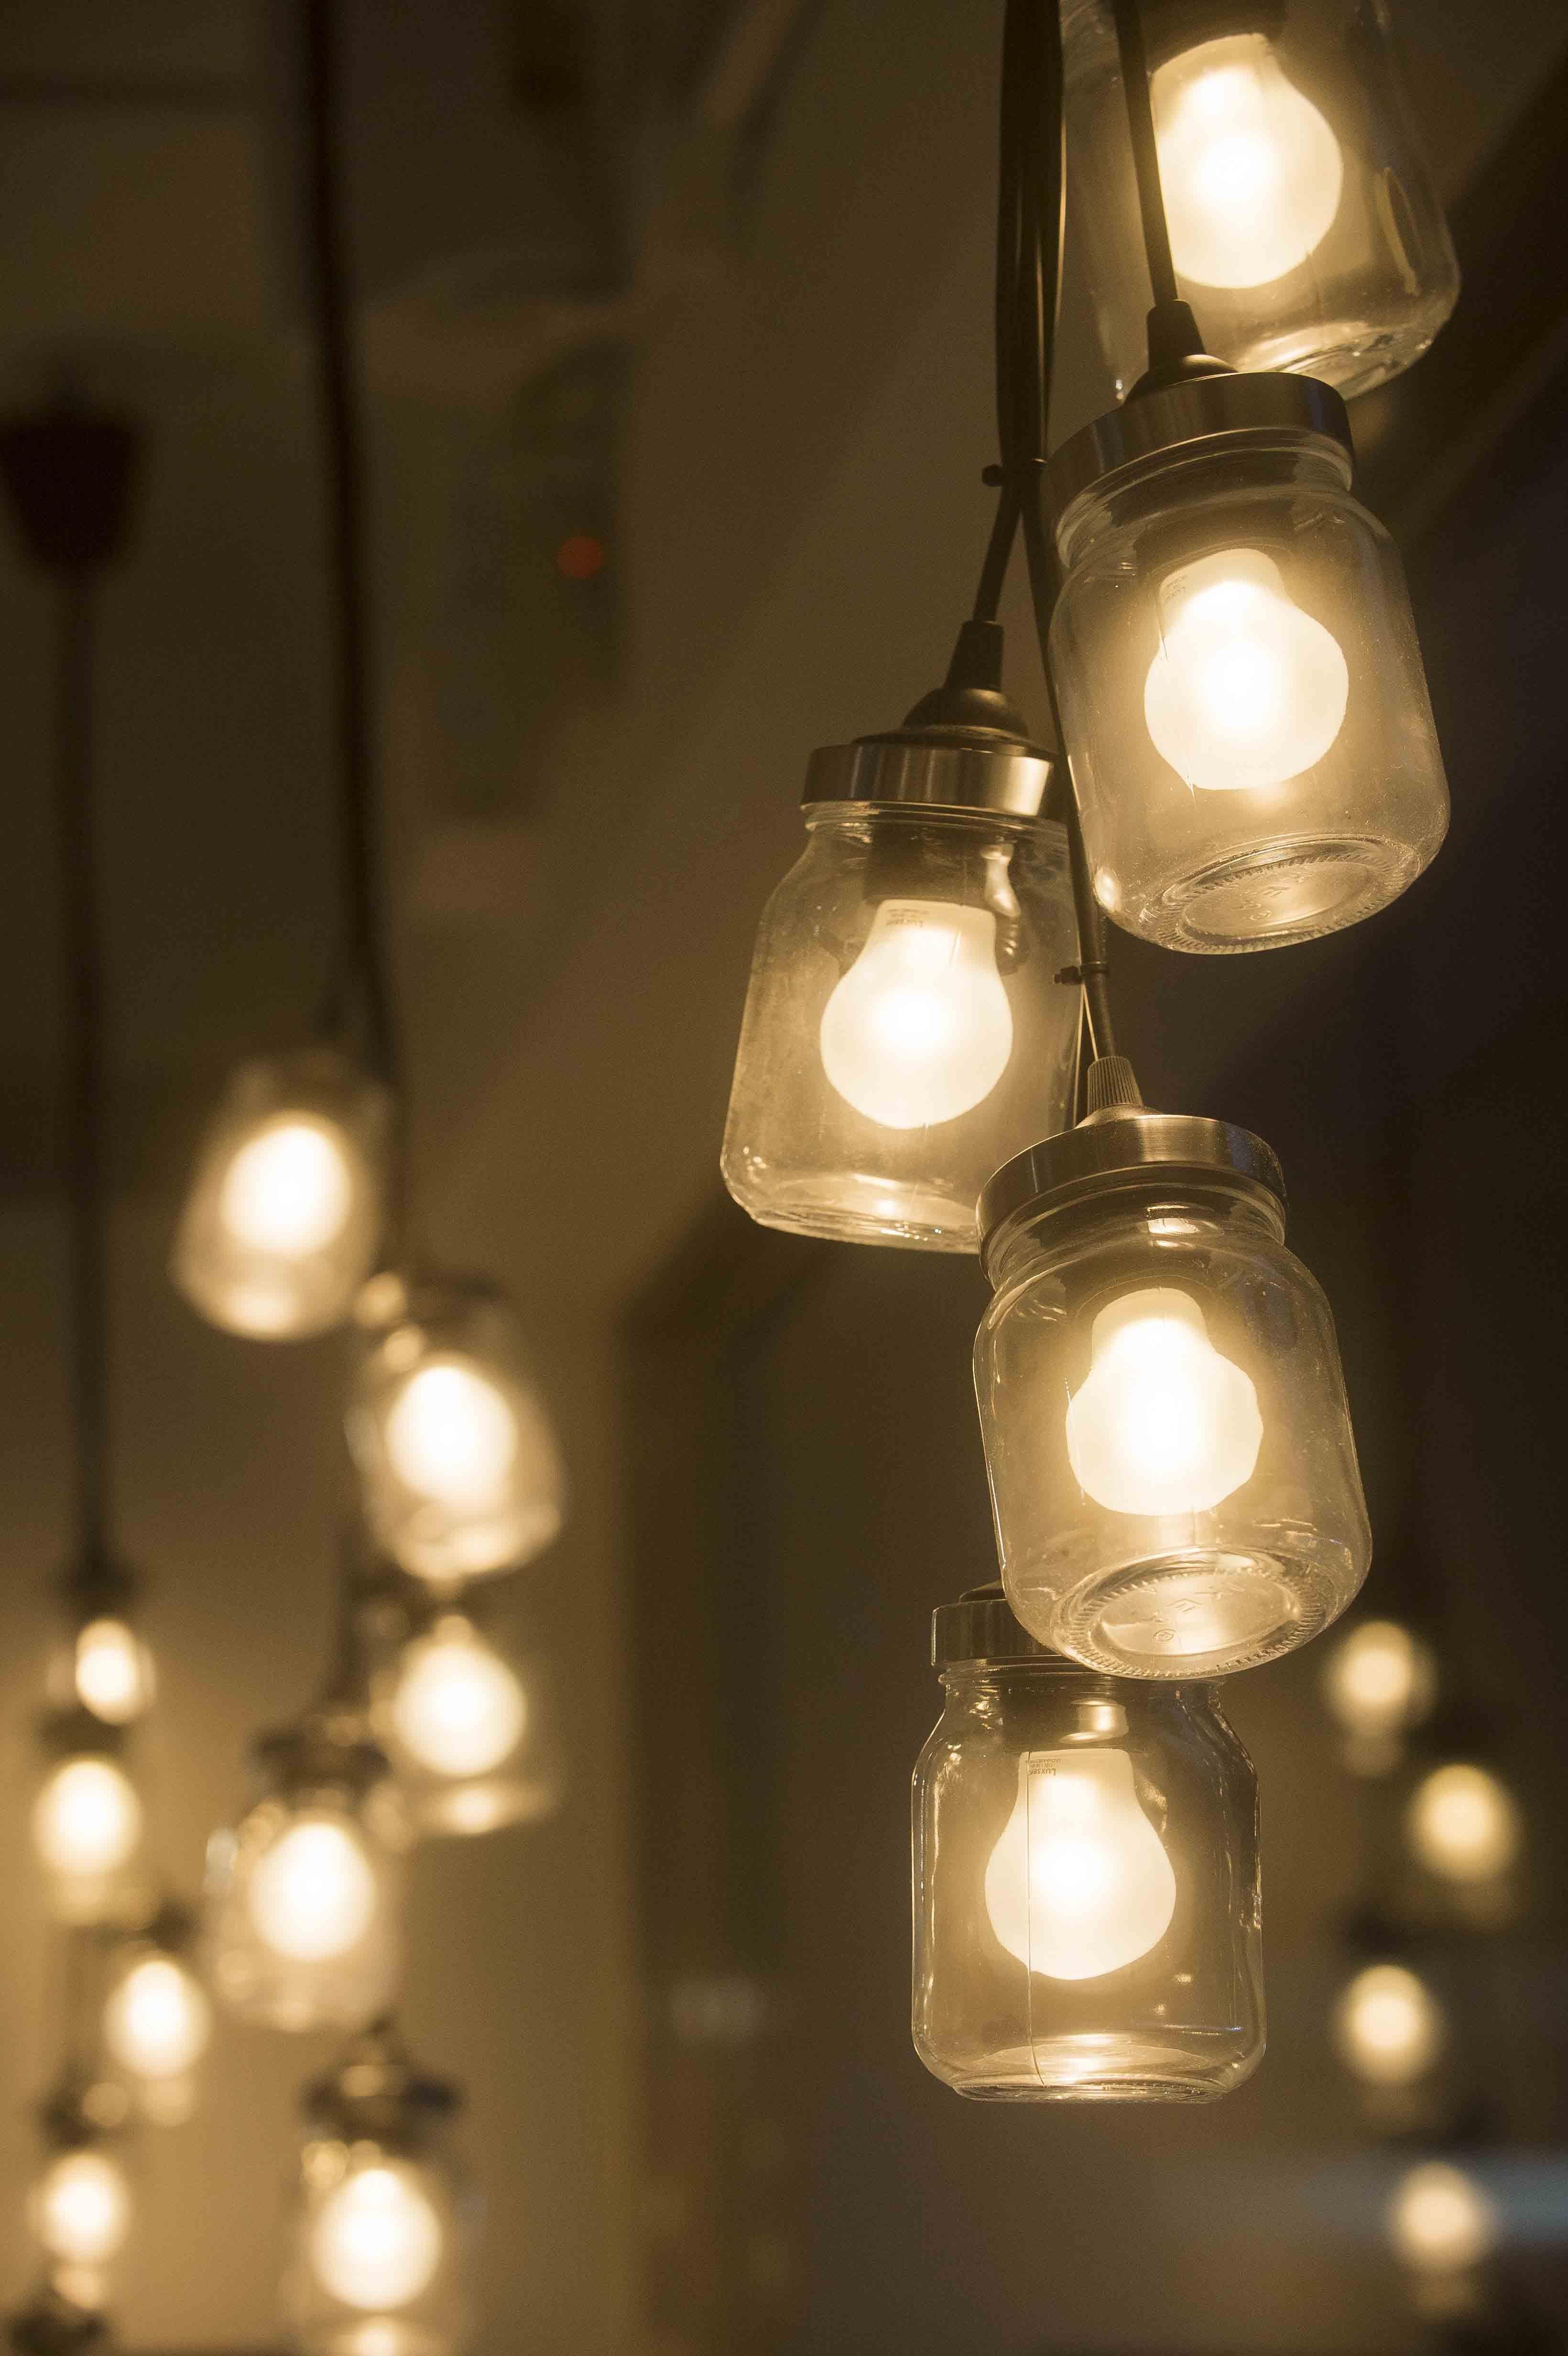 【IKEA HOUSE】利用萬用玻璃罐變身特色吊燈,發揮小巧思打造創意居家佈置。